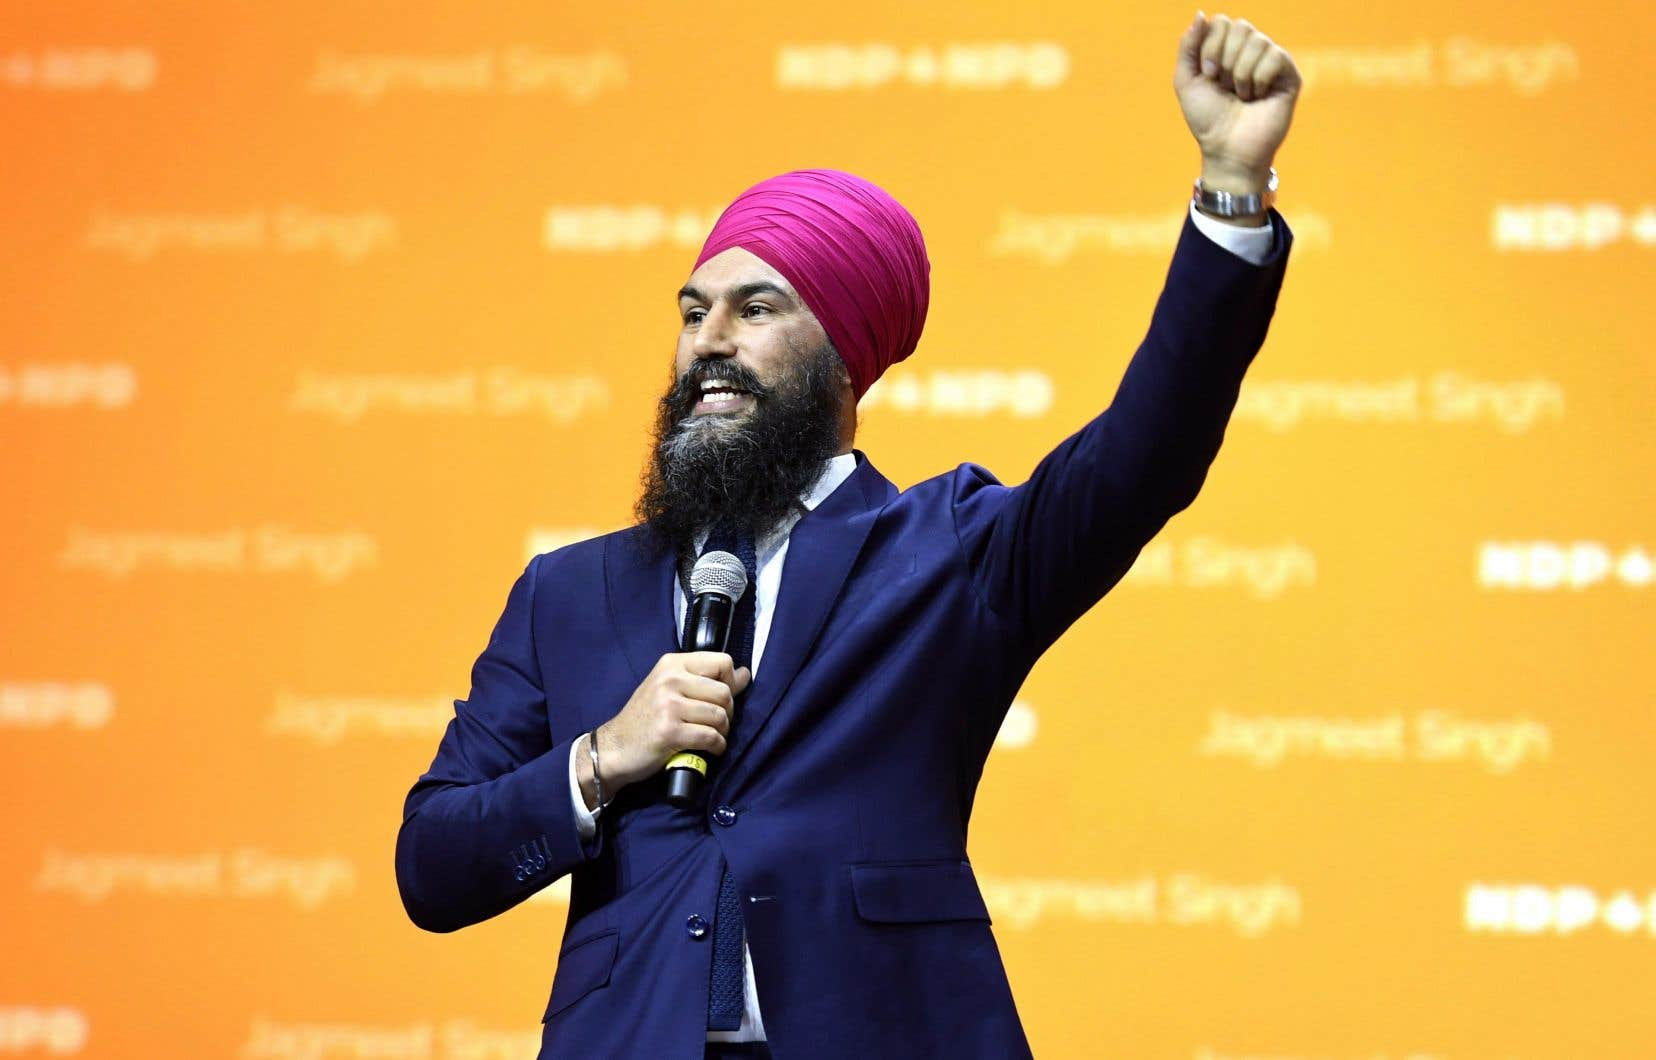 Le chef Jagmeet Singh, élu en octobre, a dû se soumettre à un vote de confiance. Ses appuis se sont élevés à 90,7%, samedi.